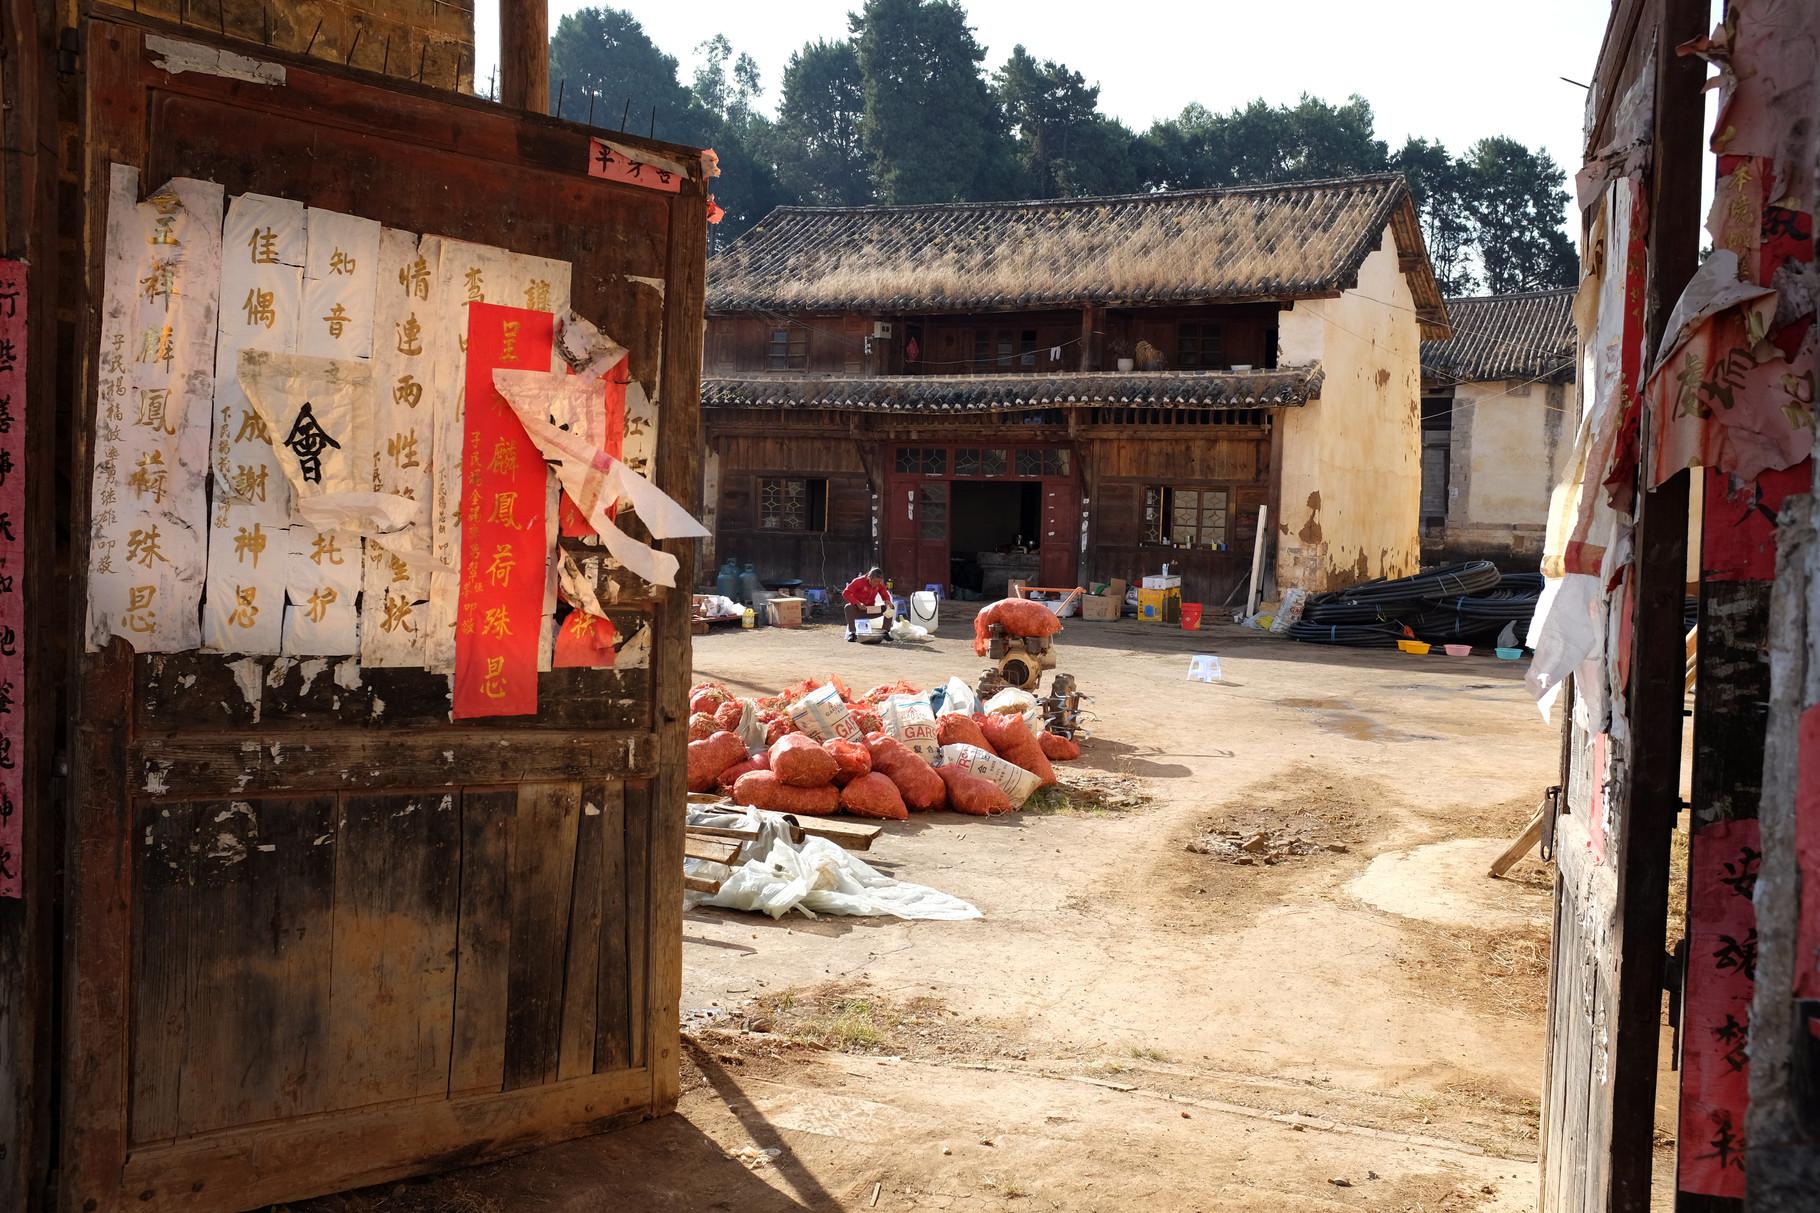 Verlassene und zerstörte Tempel werden häufig von den Bauern bewohnt